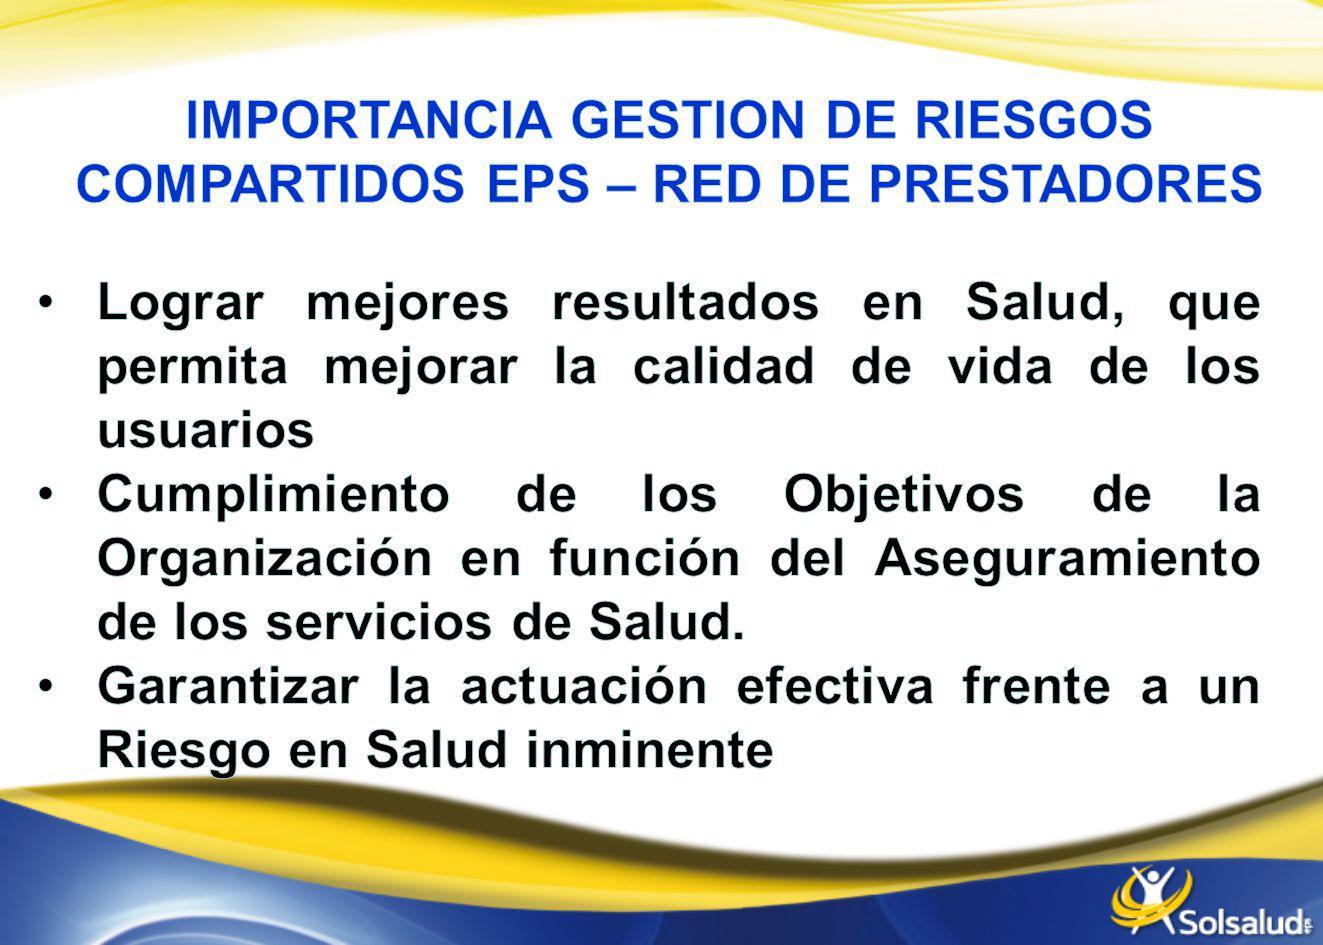 IMPORTANCIA GESTION DE RIESGOS COMPARTIDOS EPS – RED DE PRESTADORES